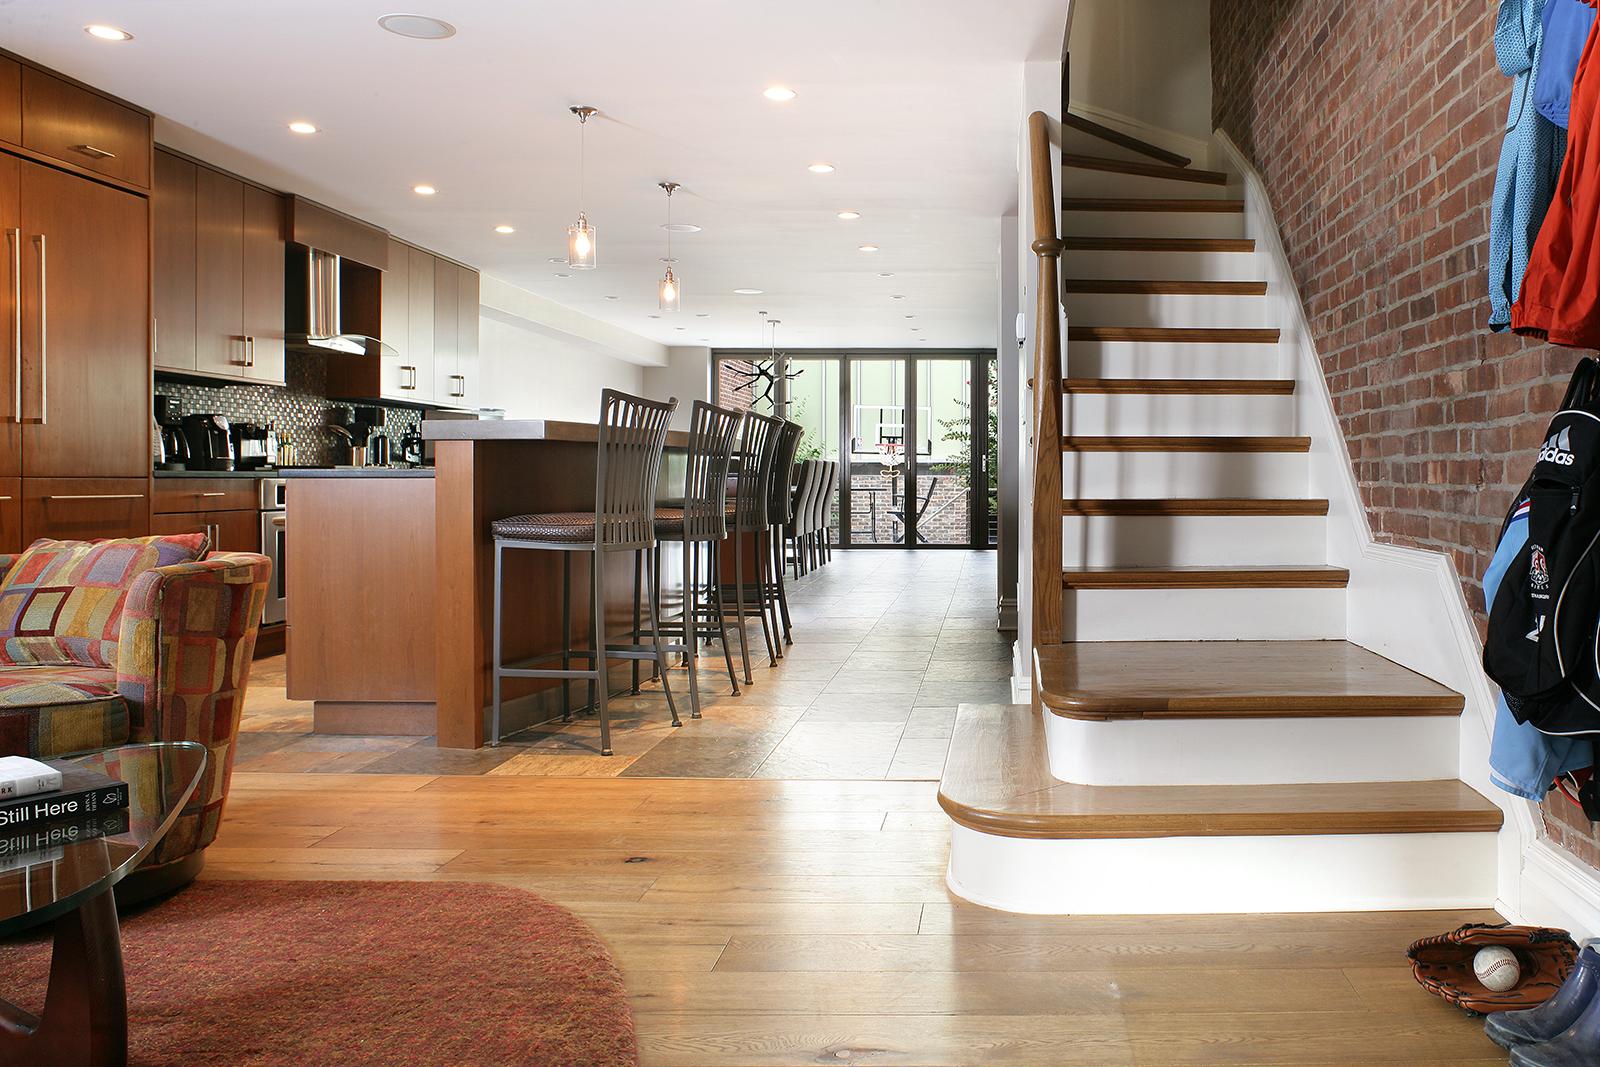 Nlm Design interiors - Interior Design Services, Interior Decorating ...